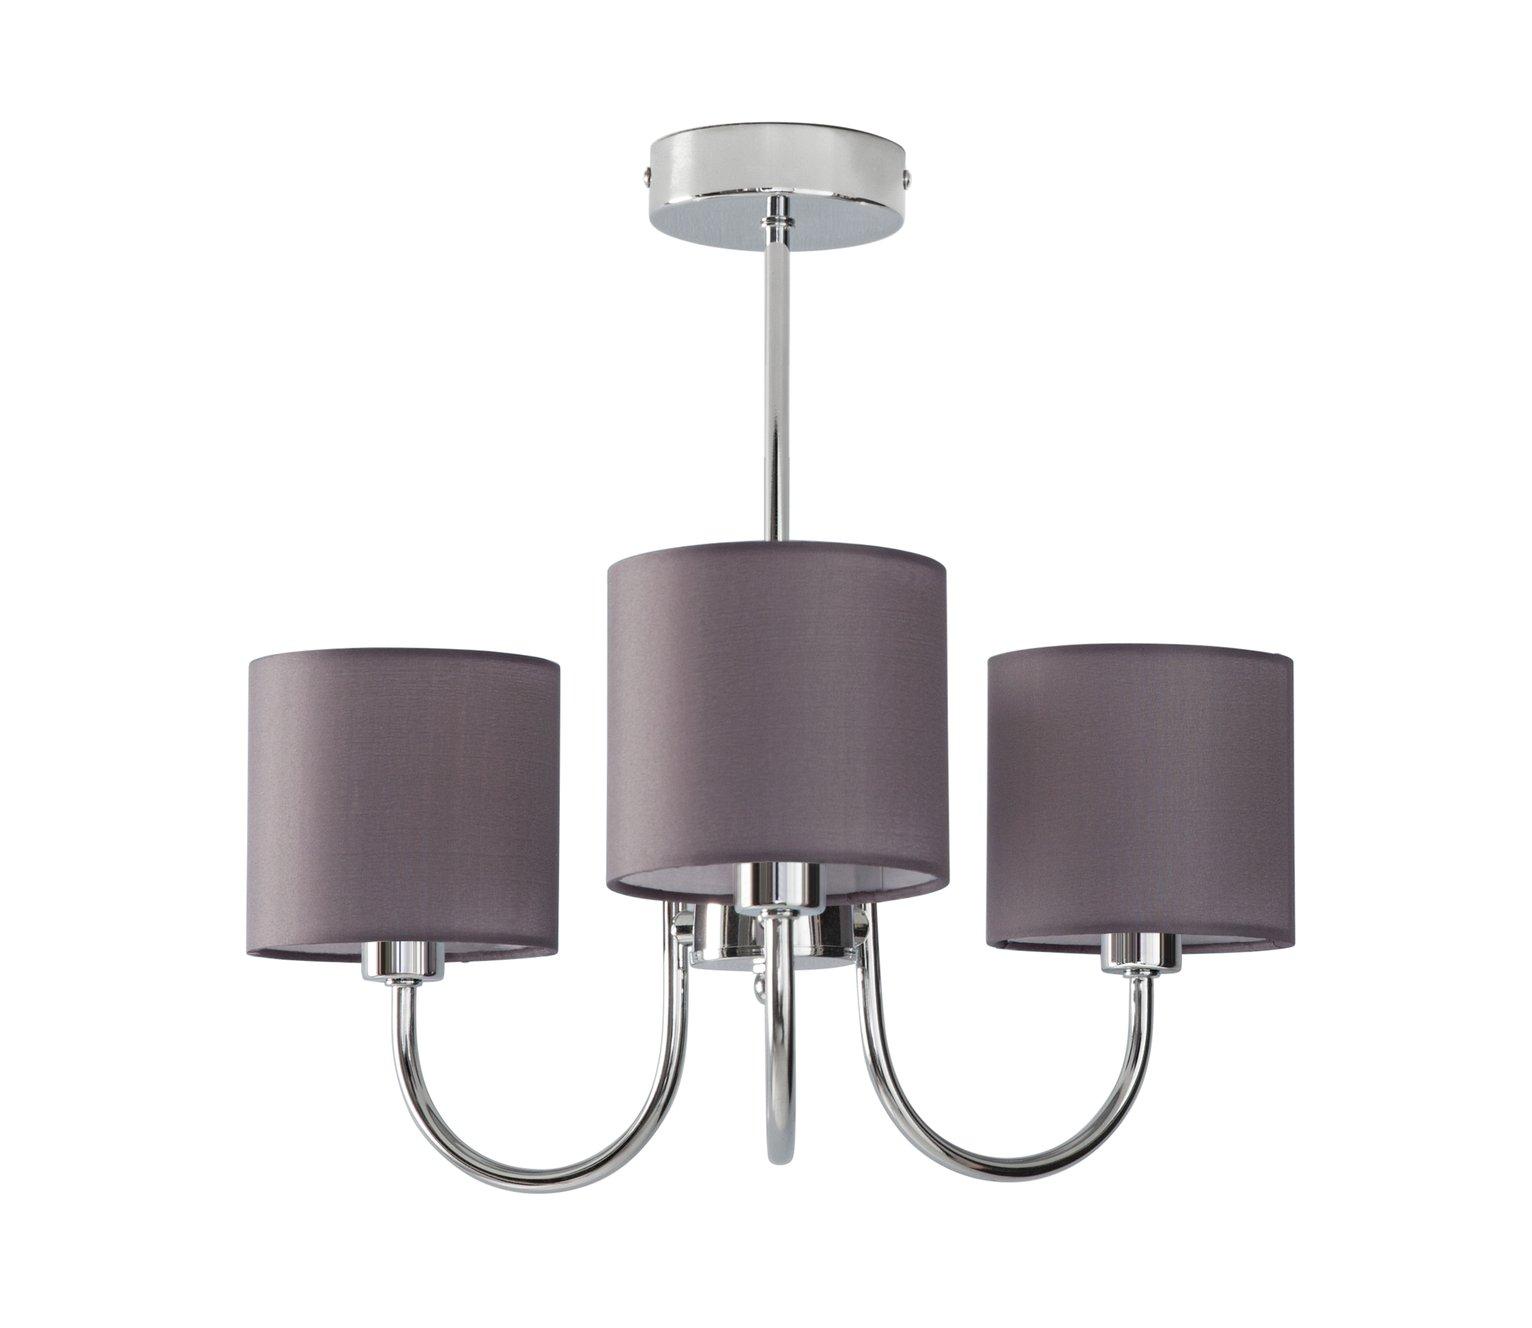 Argos Home Grays 3 Light Ceiling Fitting - Chrome & Grey